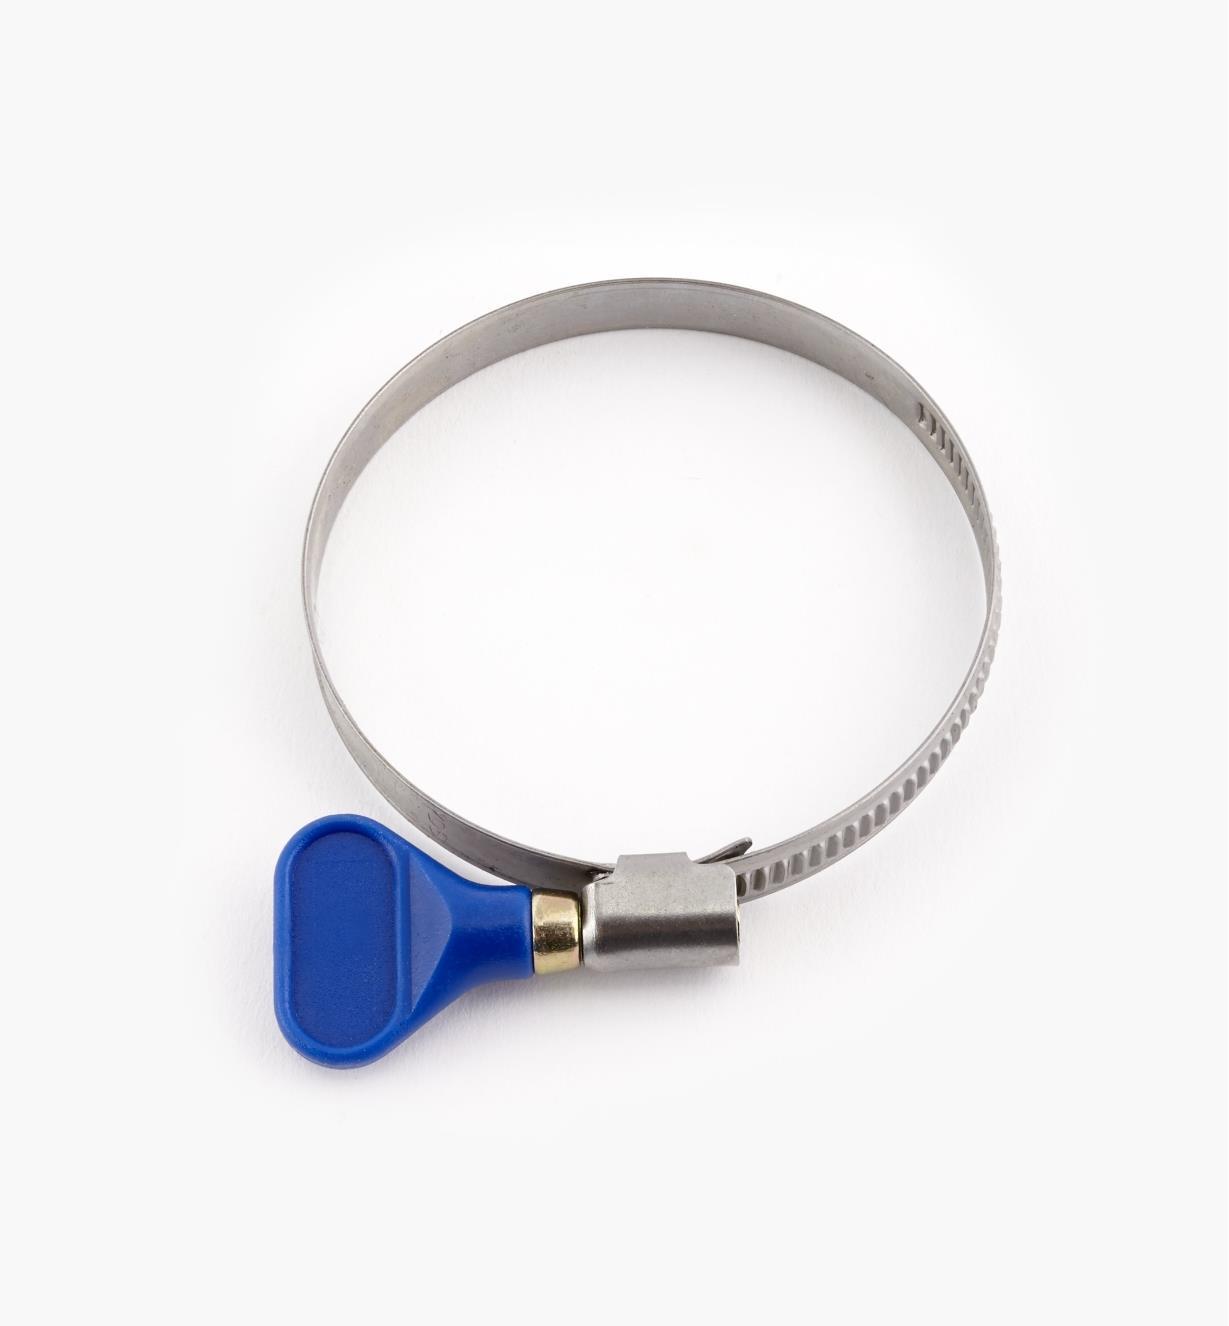 04J0425 - Collier de serrage à clé de 2 1/2 po, l'unité